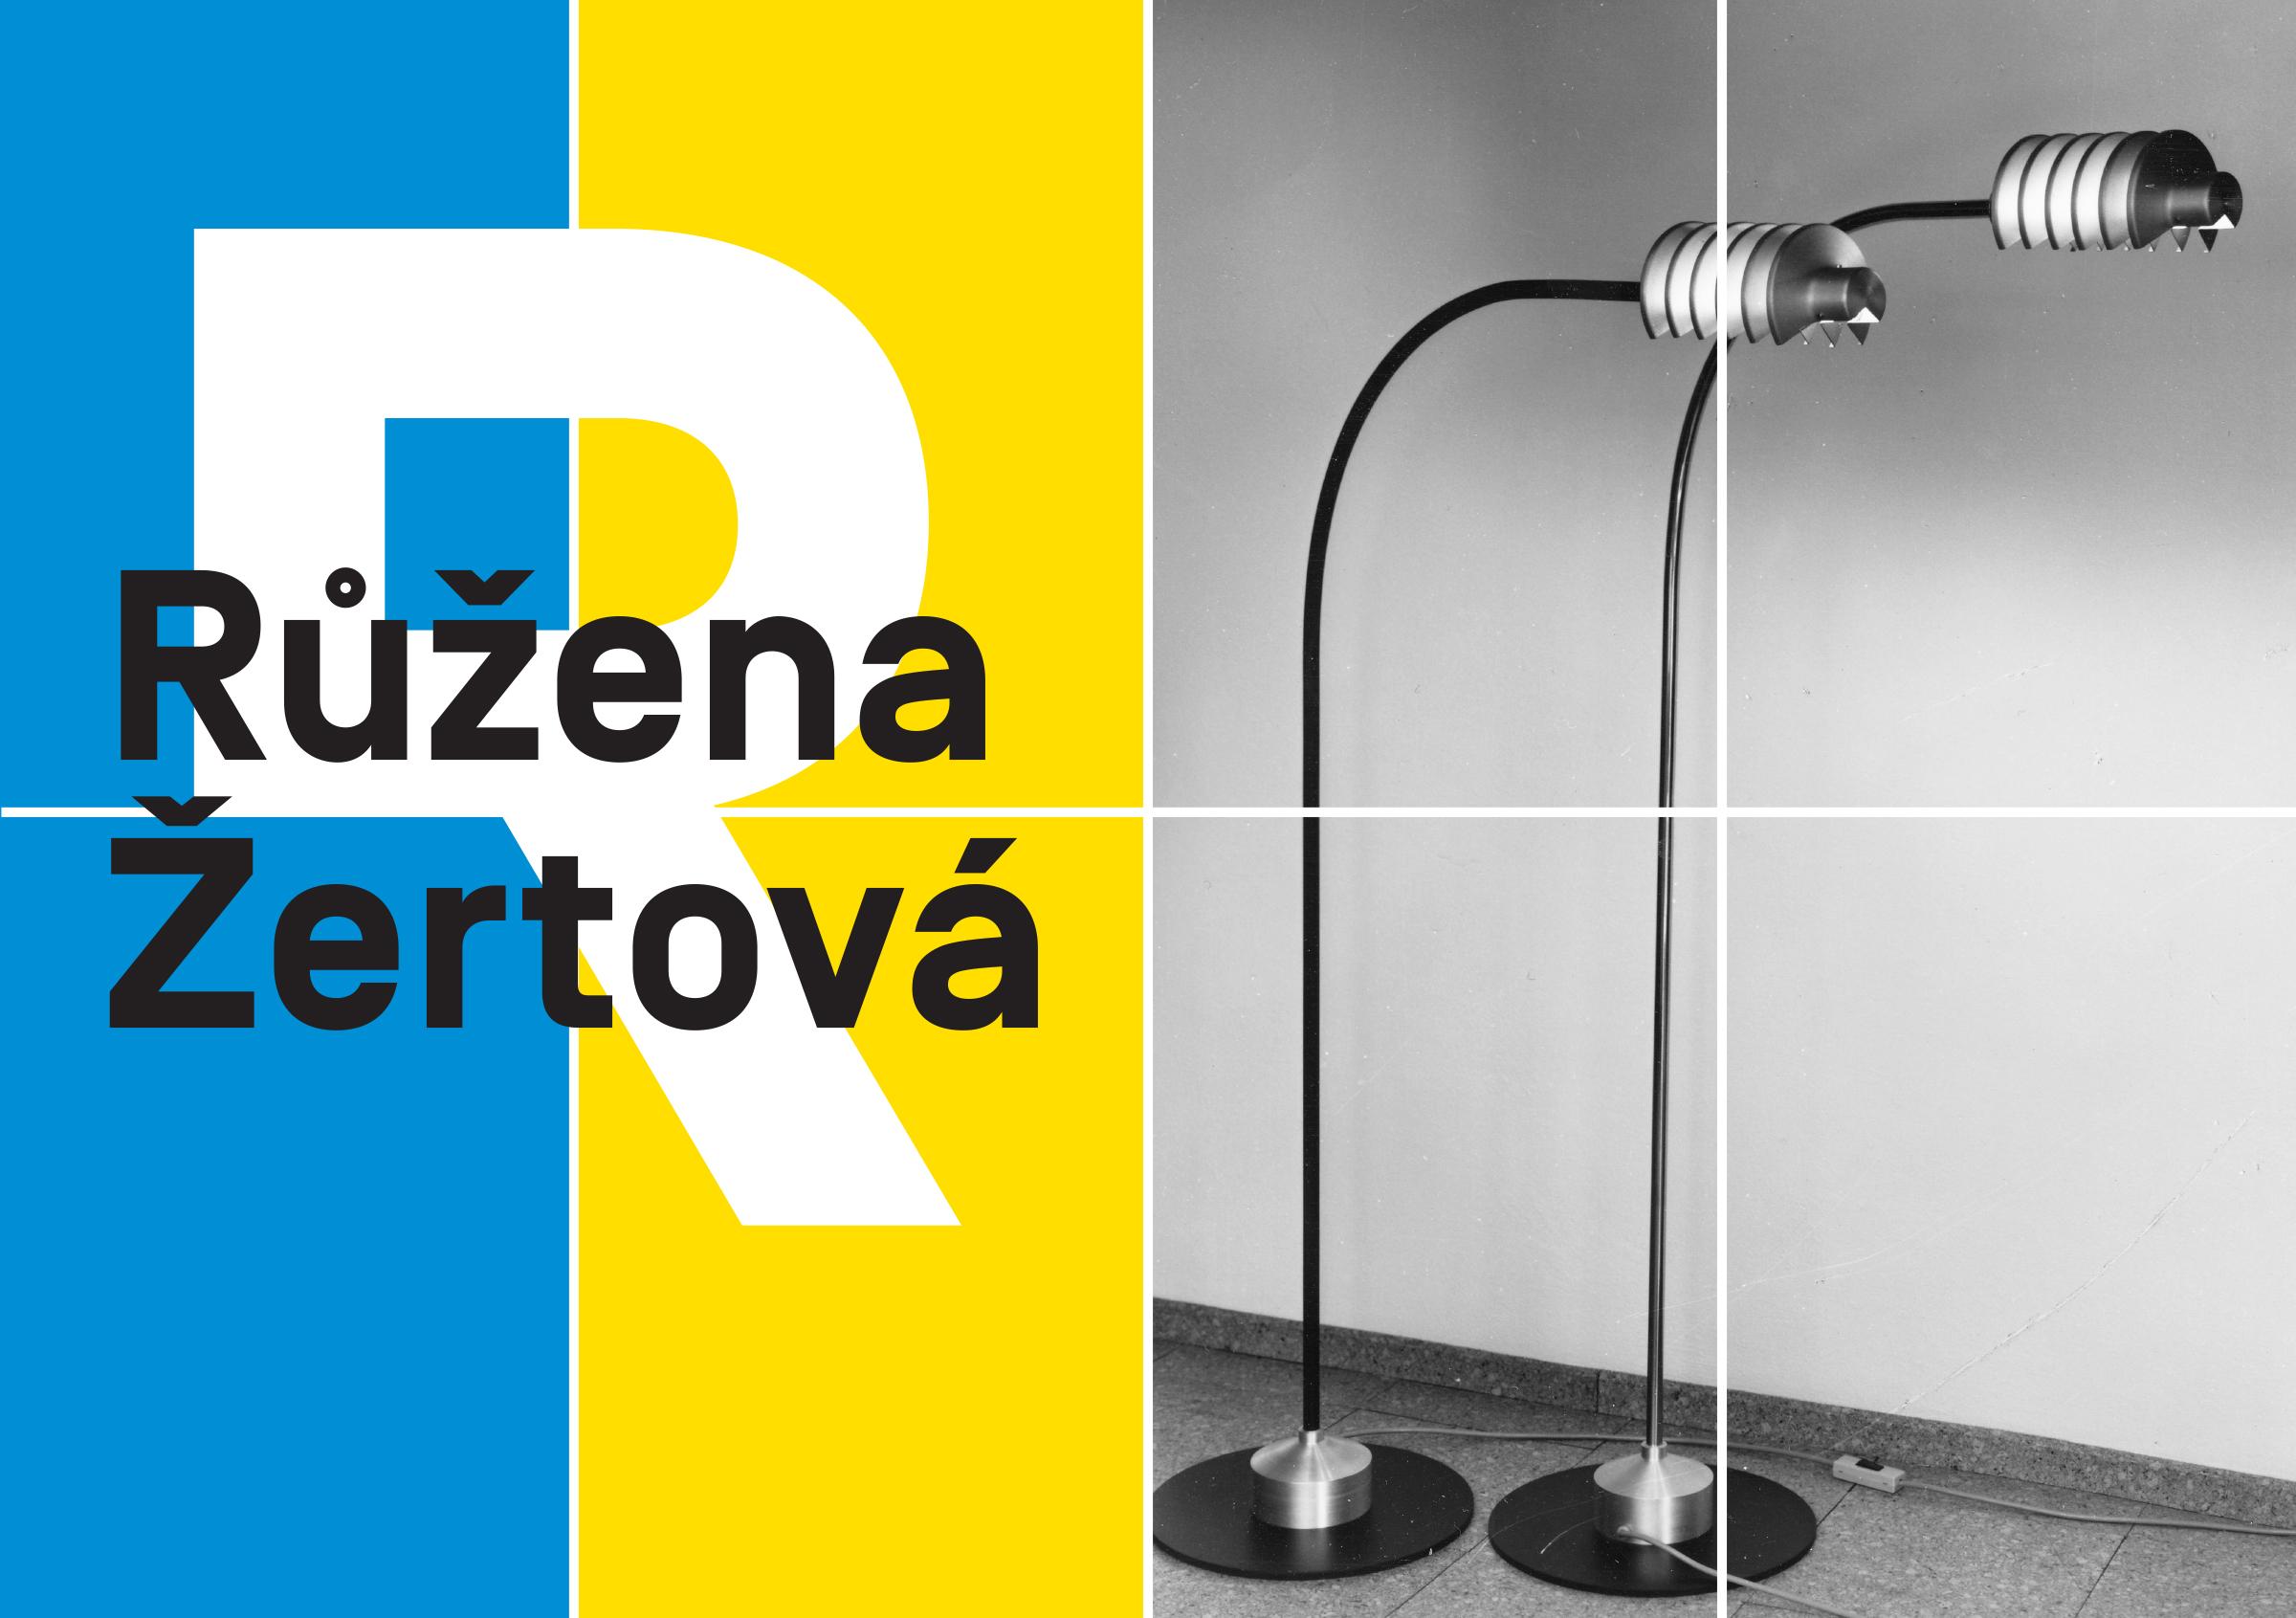 ČT / 2. 2. / 18.00 / Růžena Žertová: Architektka domů i věcí / křest knihy